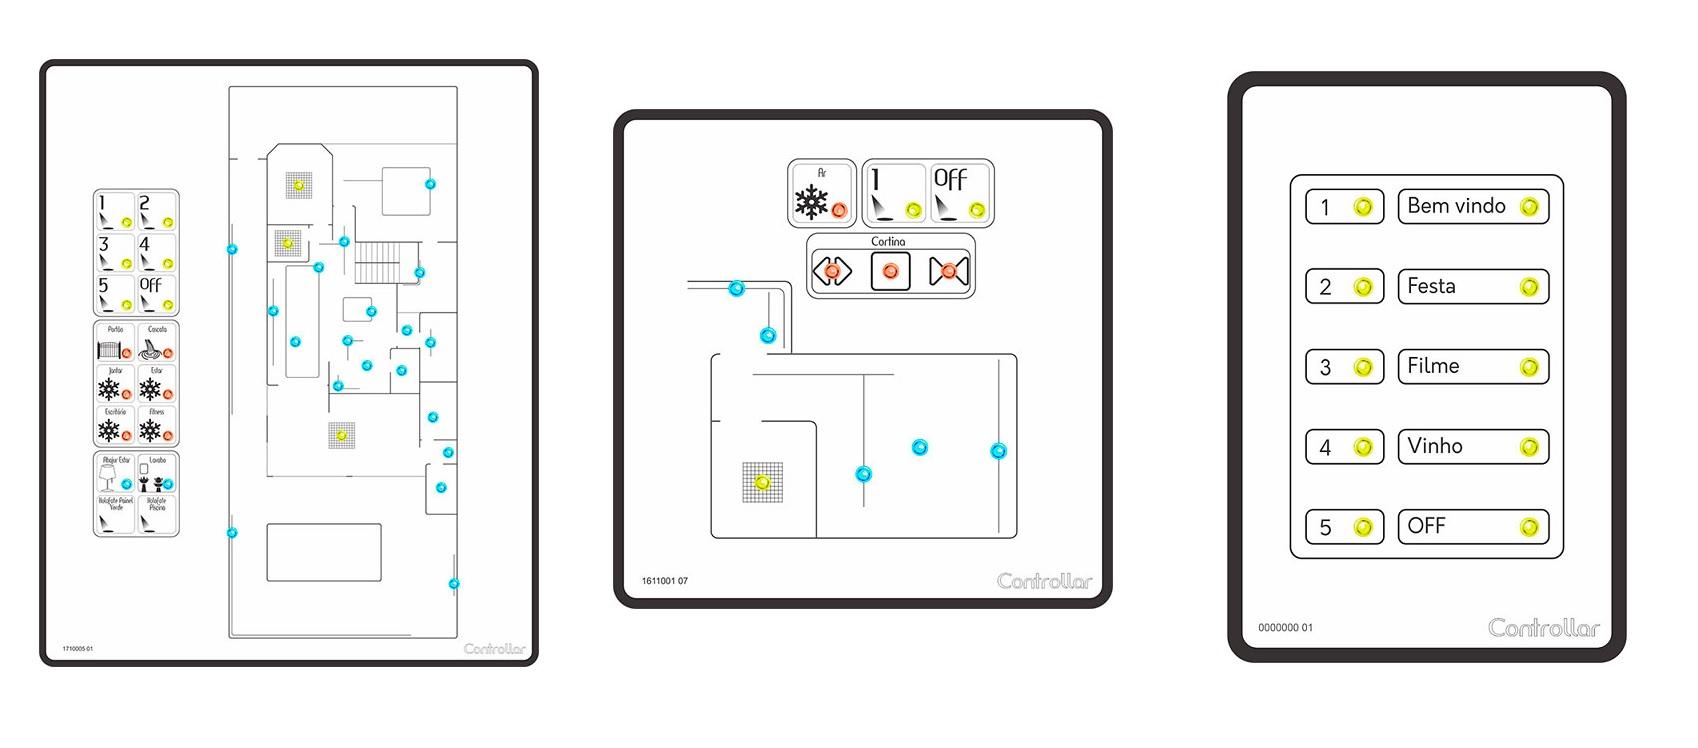 Exemplos de keypad da automação residencial